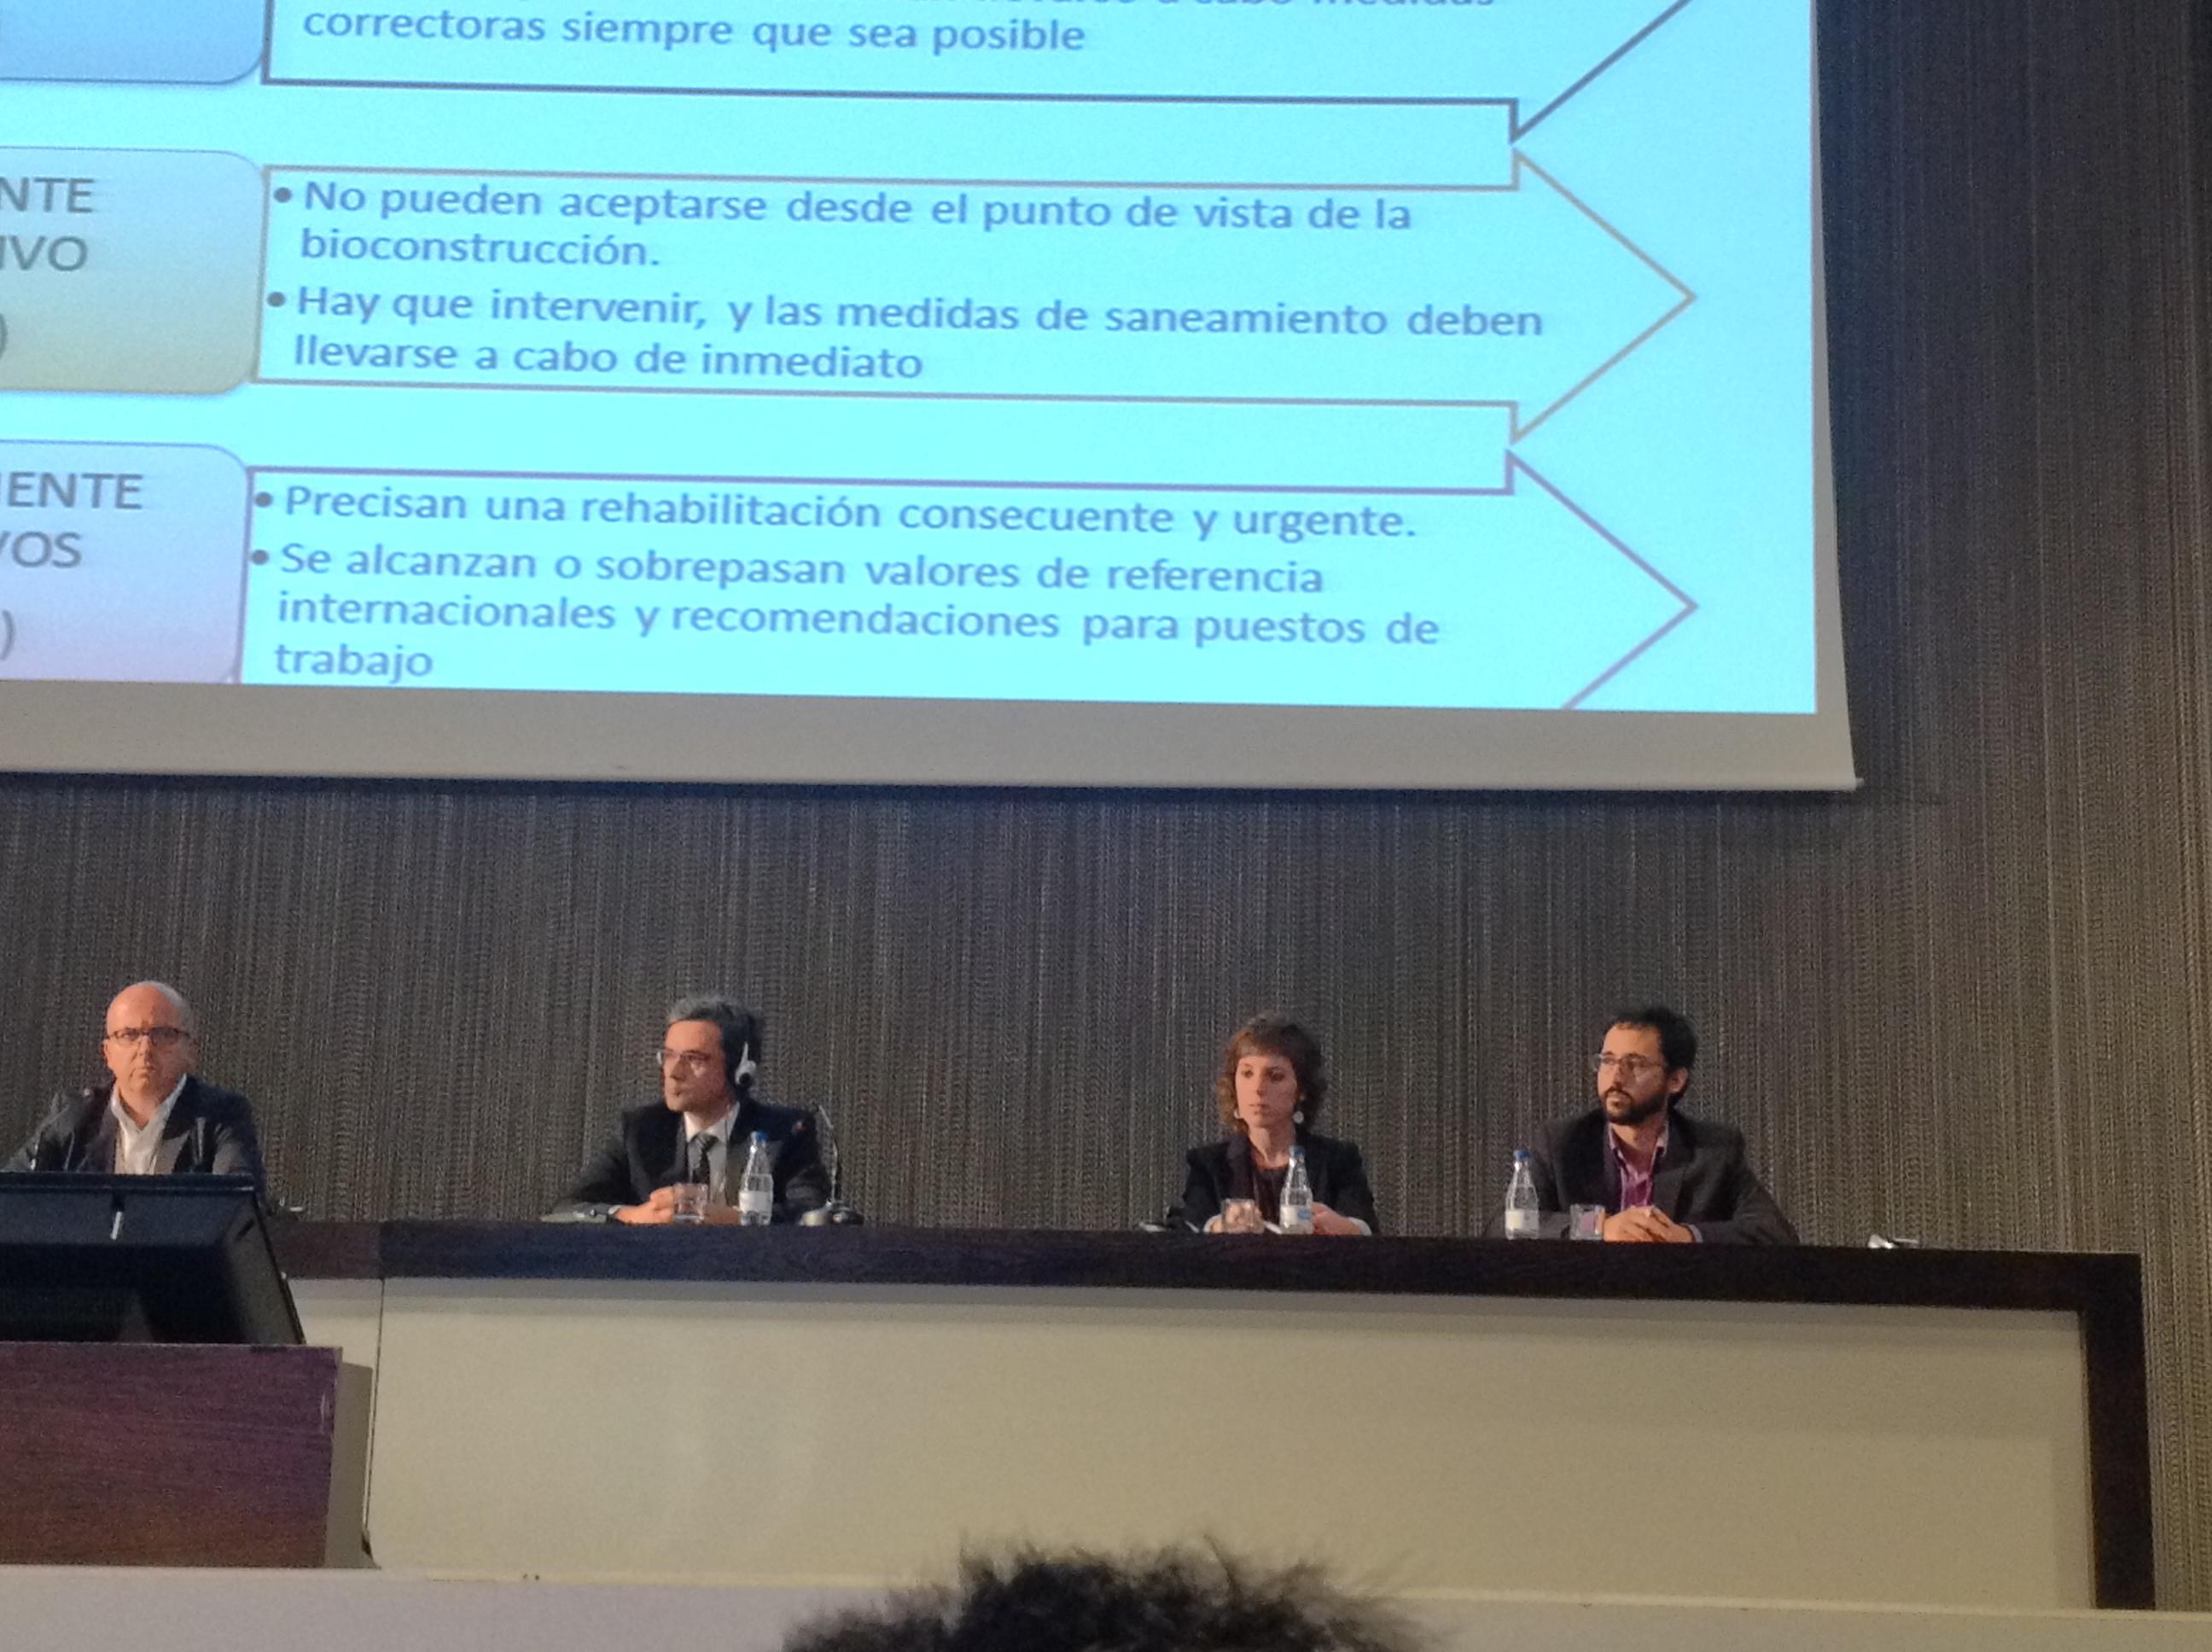 Passivhaus y vivienda en la 5ª Conferencia Española Passivhaus